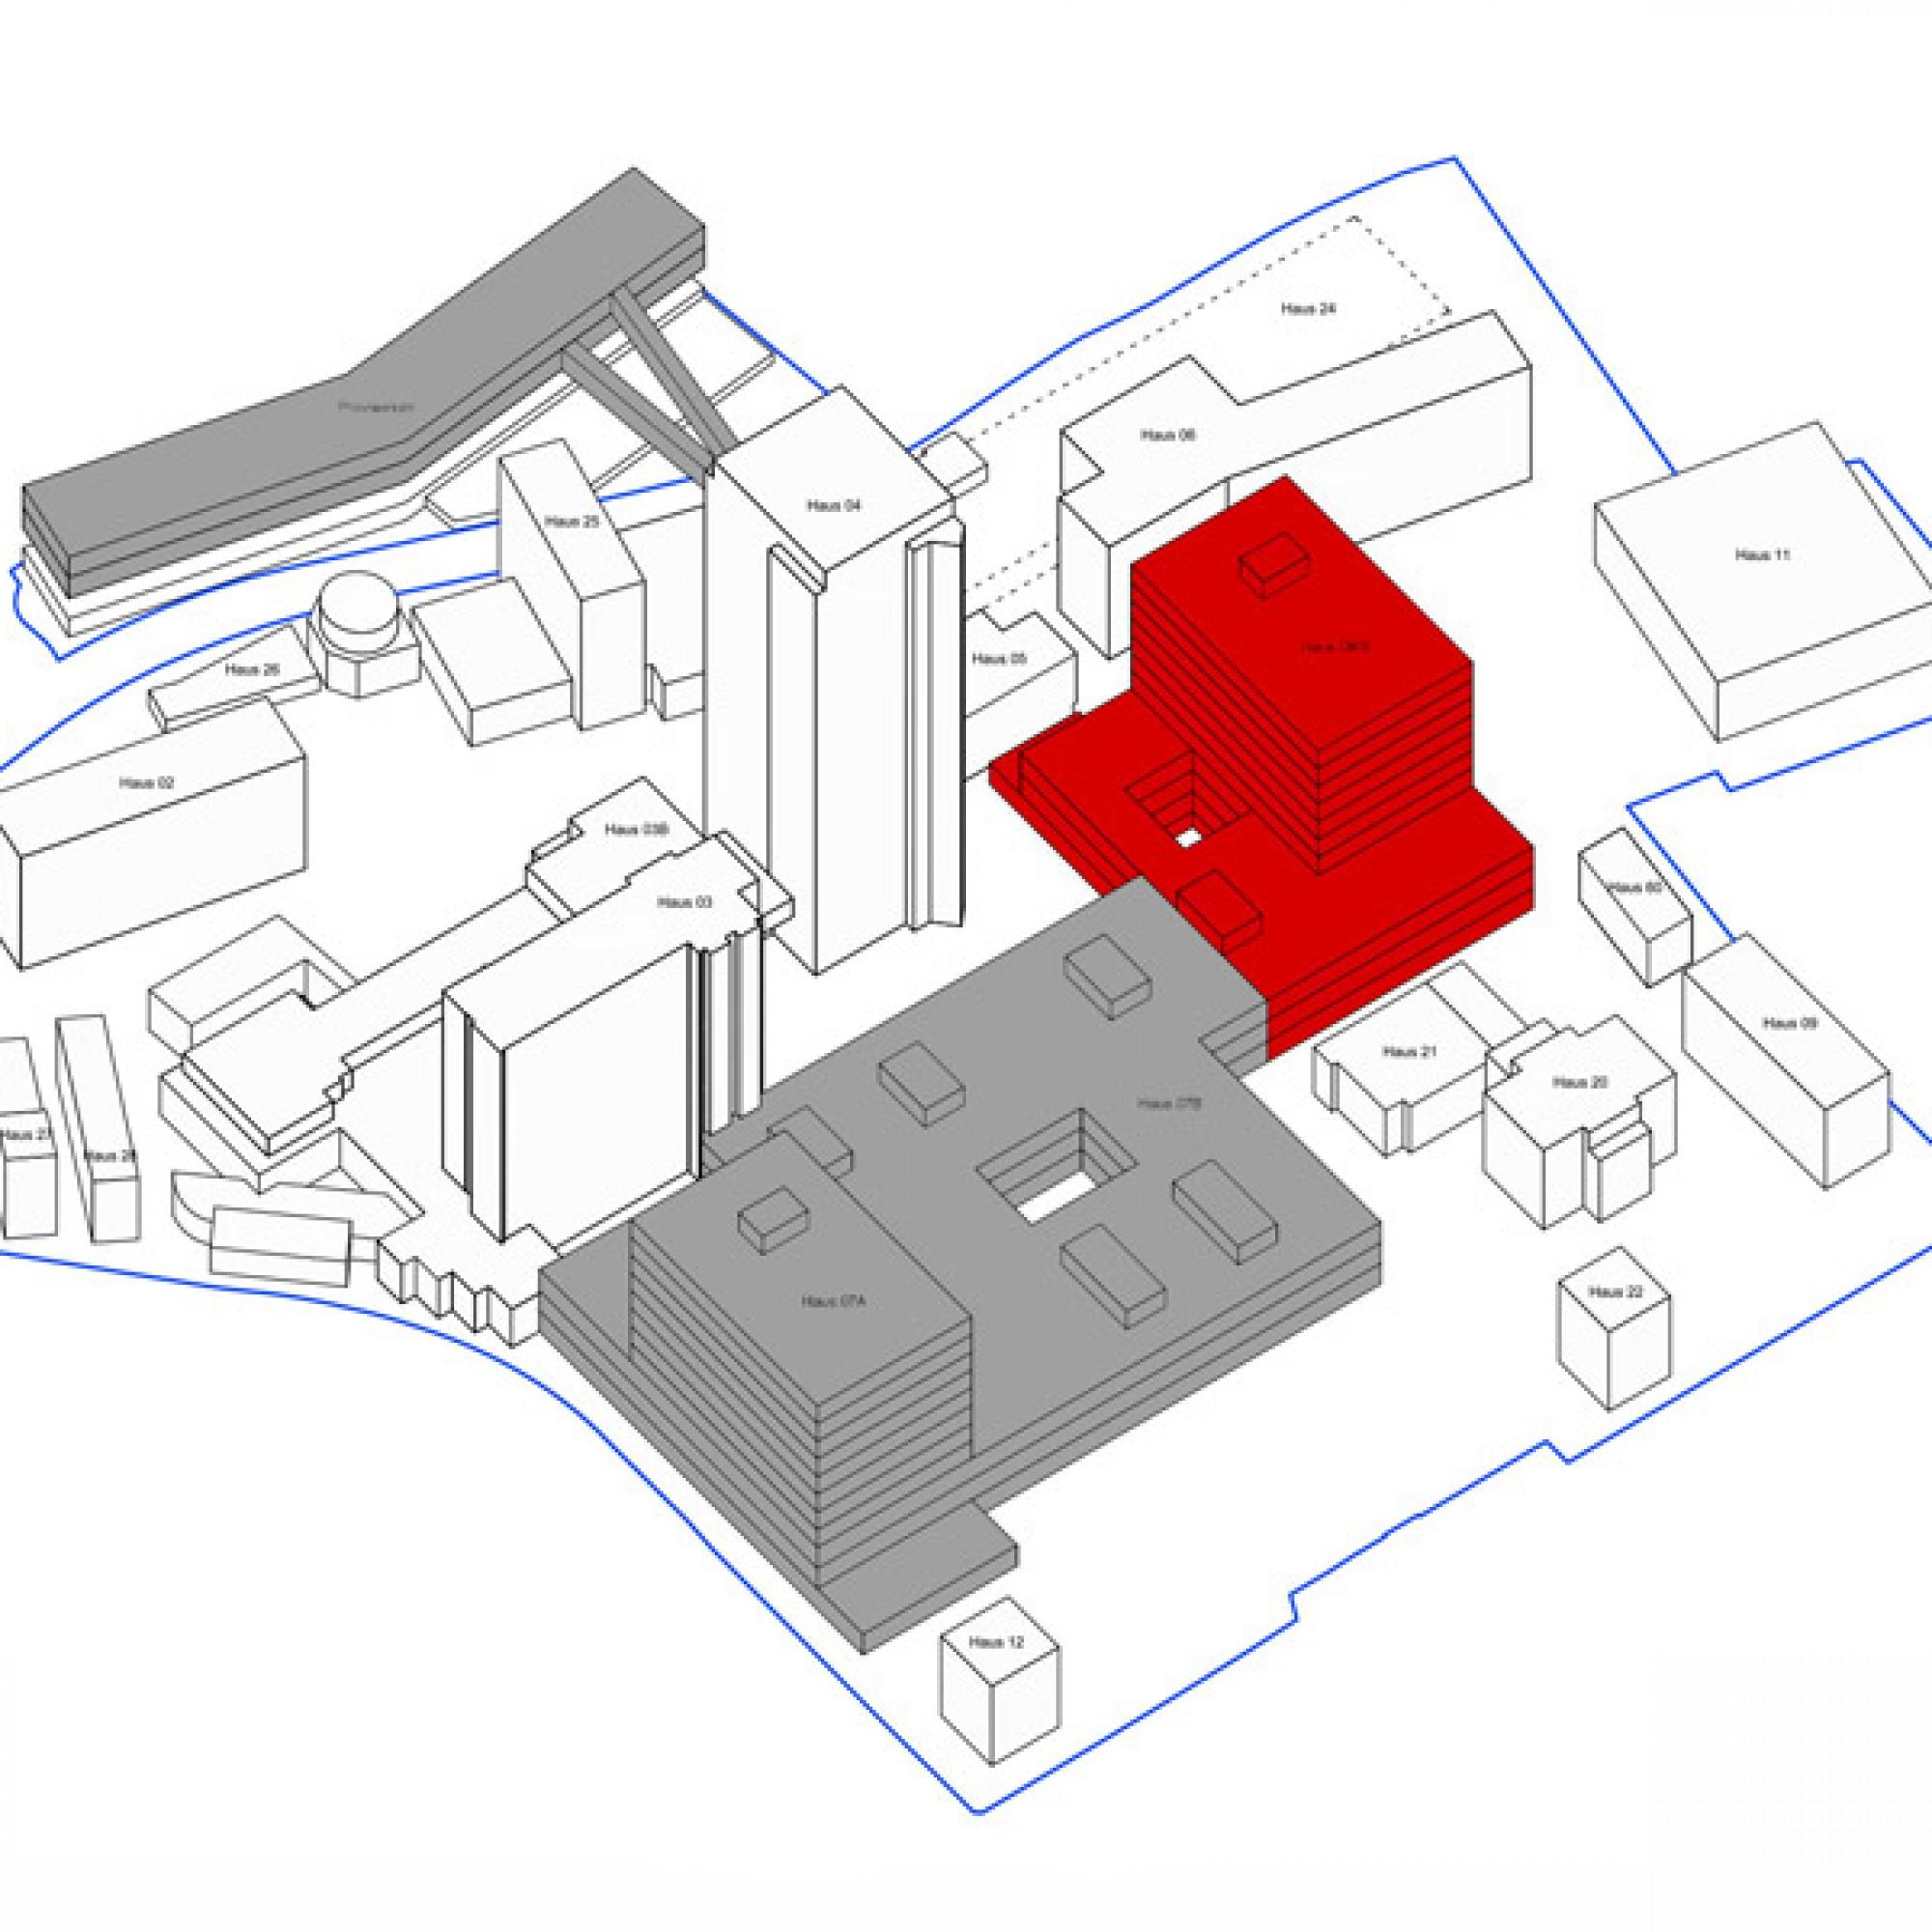 Die Isometrie nach Abschluss aller Bauarbeiten: Der Ersatzneubau (oben links) ist via Passerellen mit dem übrigen Gelände verbunden. Neu sind auch die Häuser 07A und 07B (grau) sowie das Ostschweizer Kinderspital (rot). (zvg)